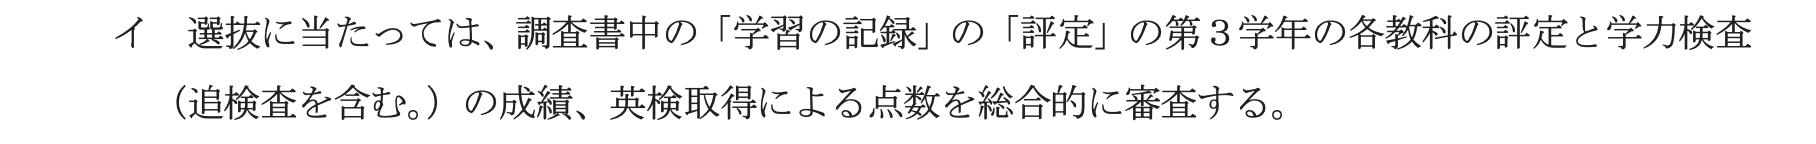 福井県公立高校入試制度1